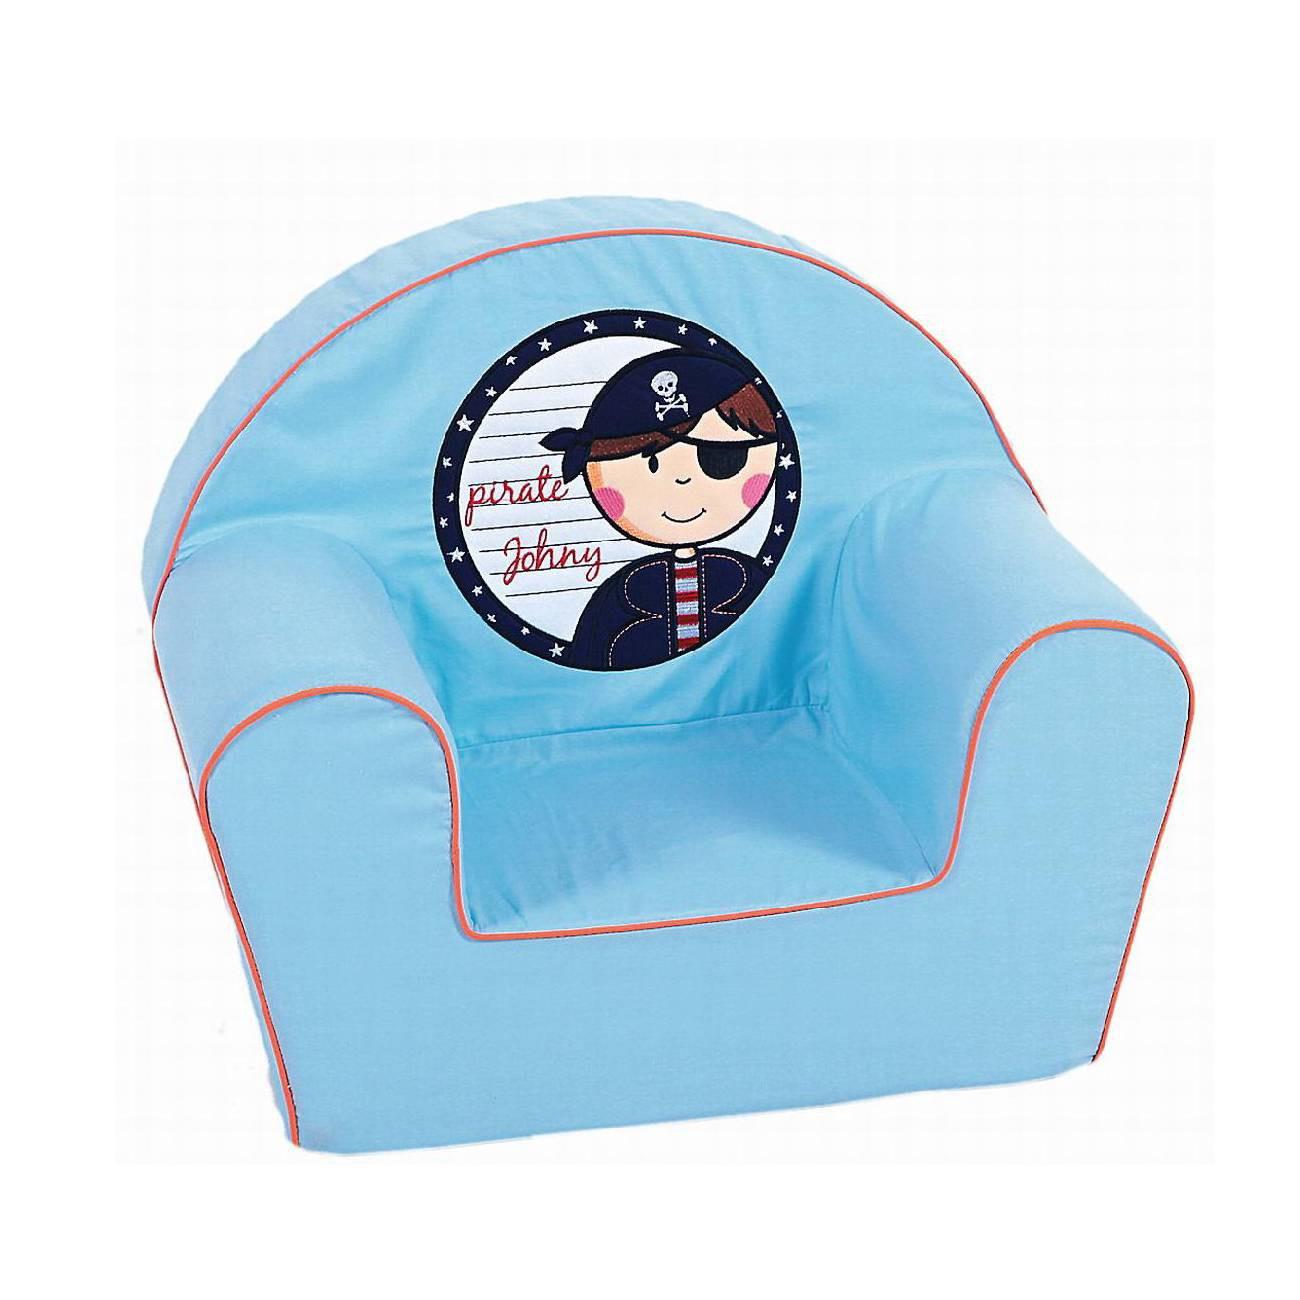 Sessel Pirat Mini – 100% Baumwolle – Blau/Piratenmotiv, knorr-baby jetzt bestellen